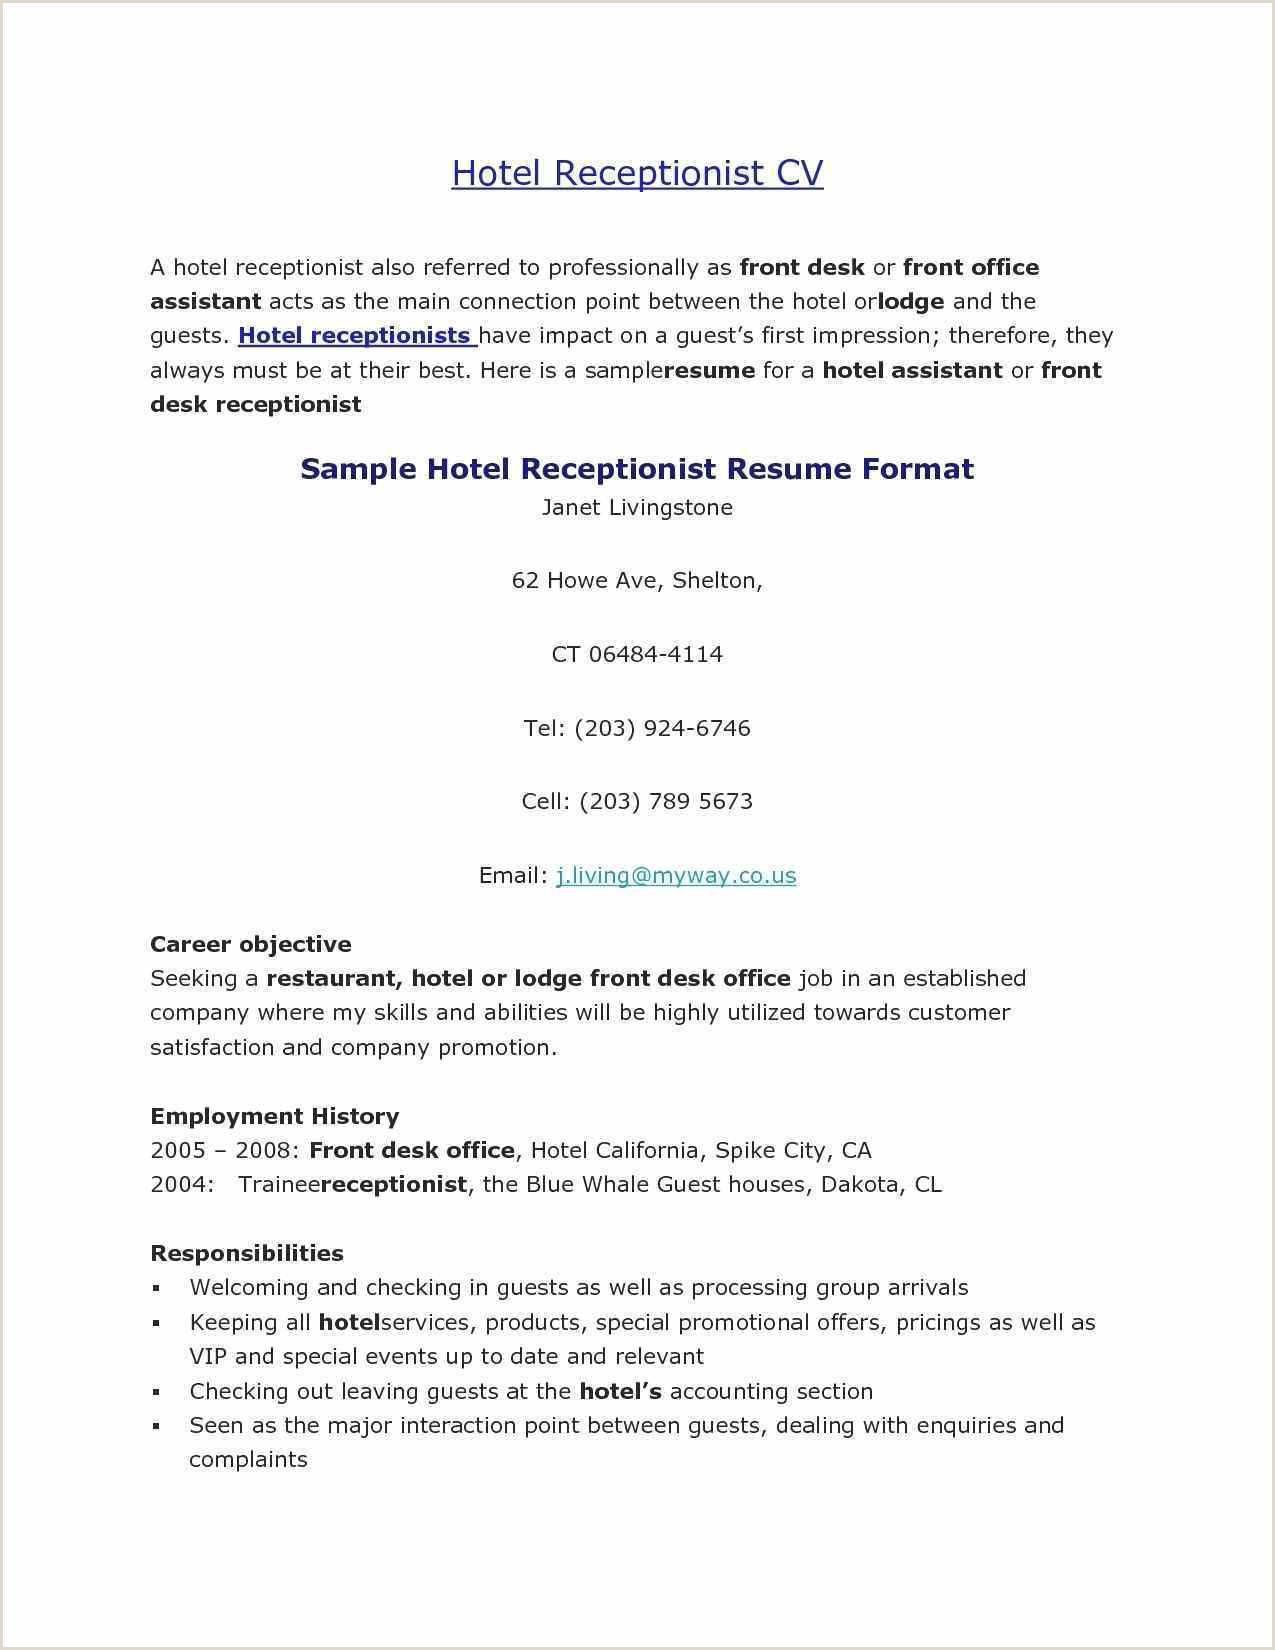 Hotel Resume Sample Professional 20 Hospitality Resume